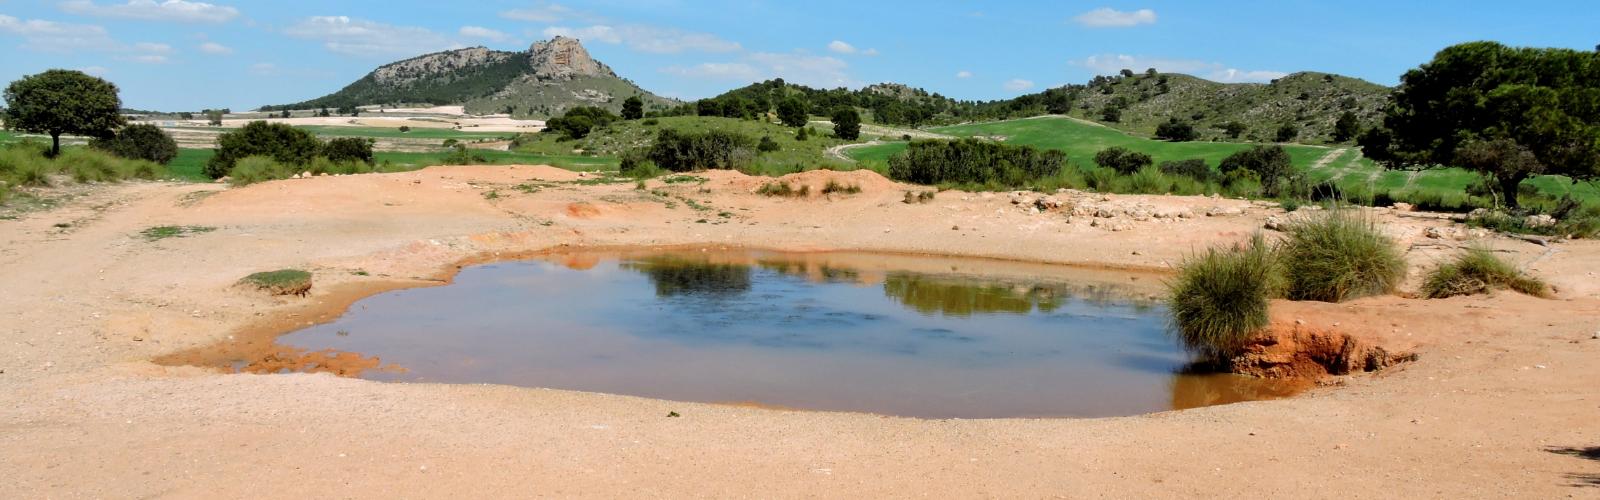 Las 40 charcas y abrevaderos estudiados en la comunidad murciana acogen el 90% de las especies de anfibios que habitan esta Región. Imagen: UMU